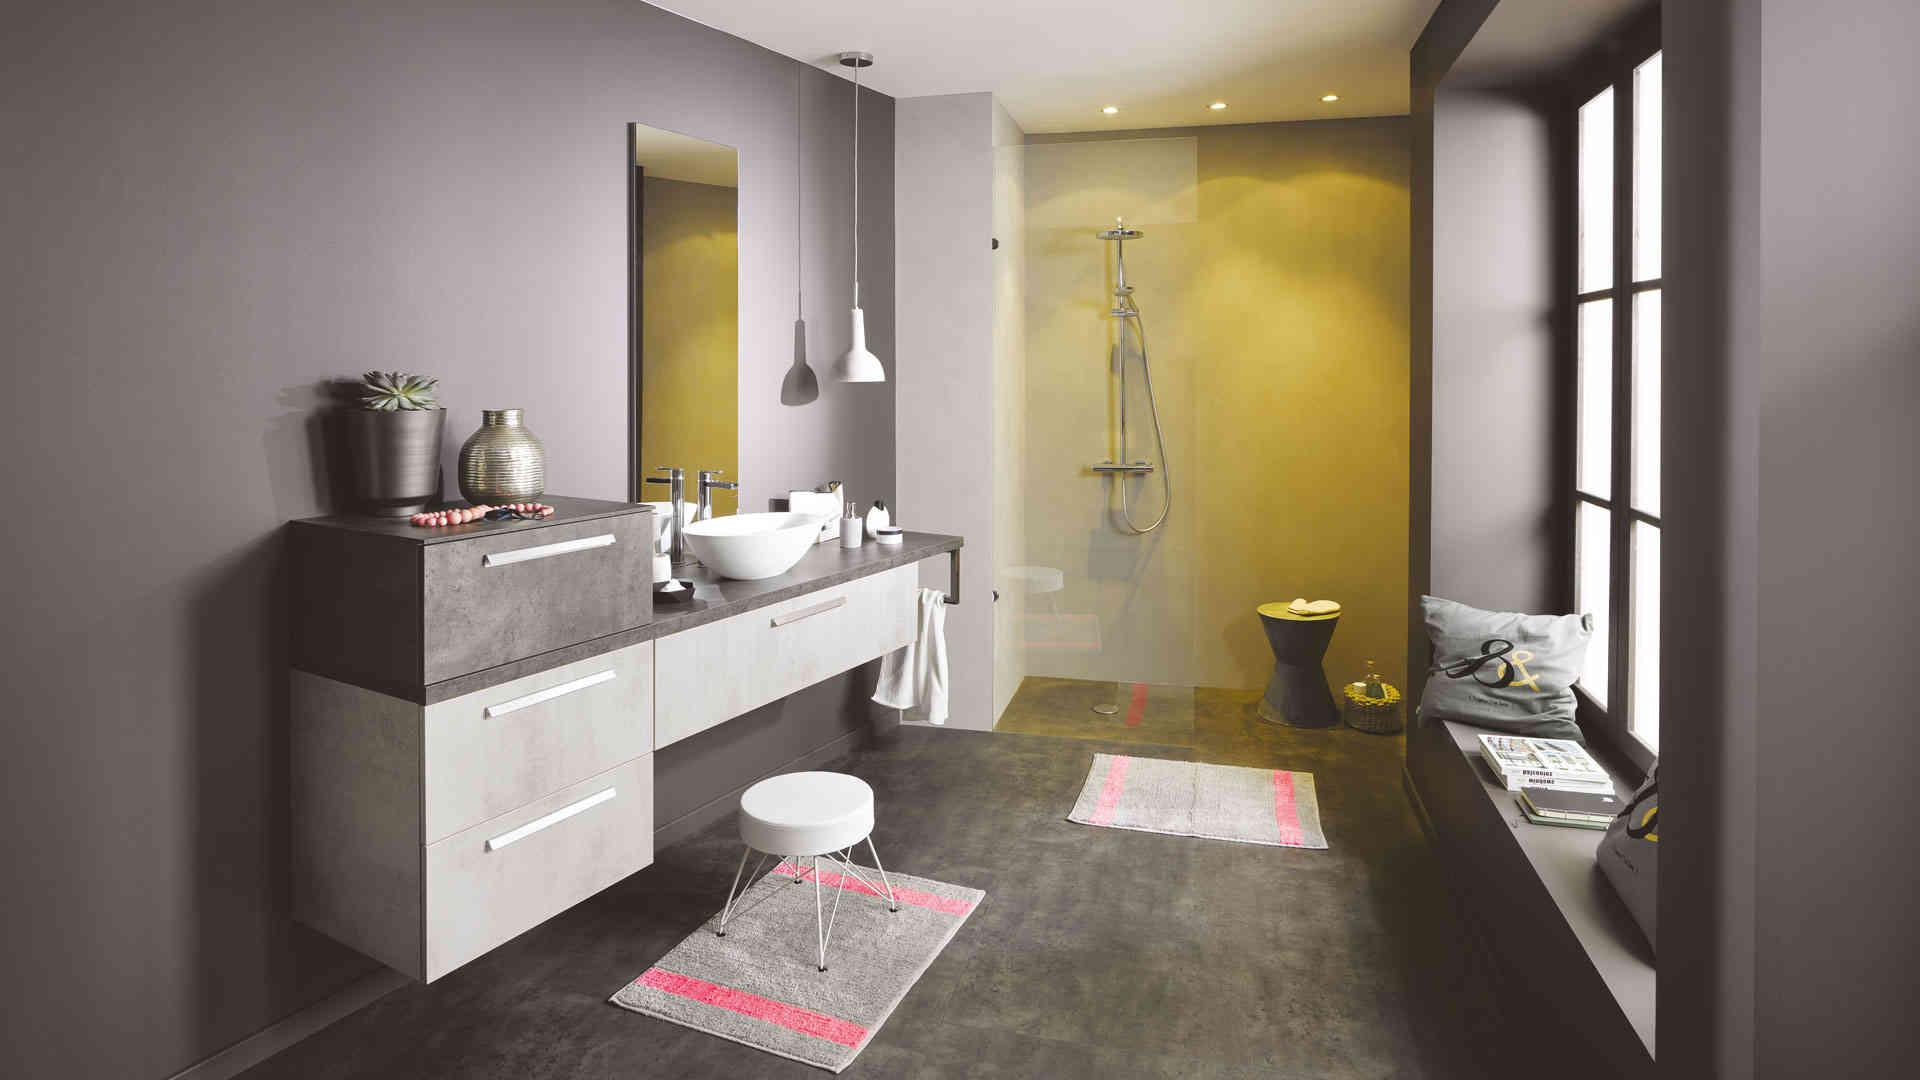 Photos Salle De Bain Salle De Bain Moderne Armoires En